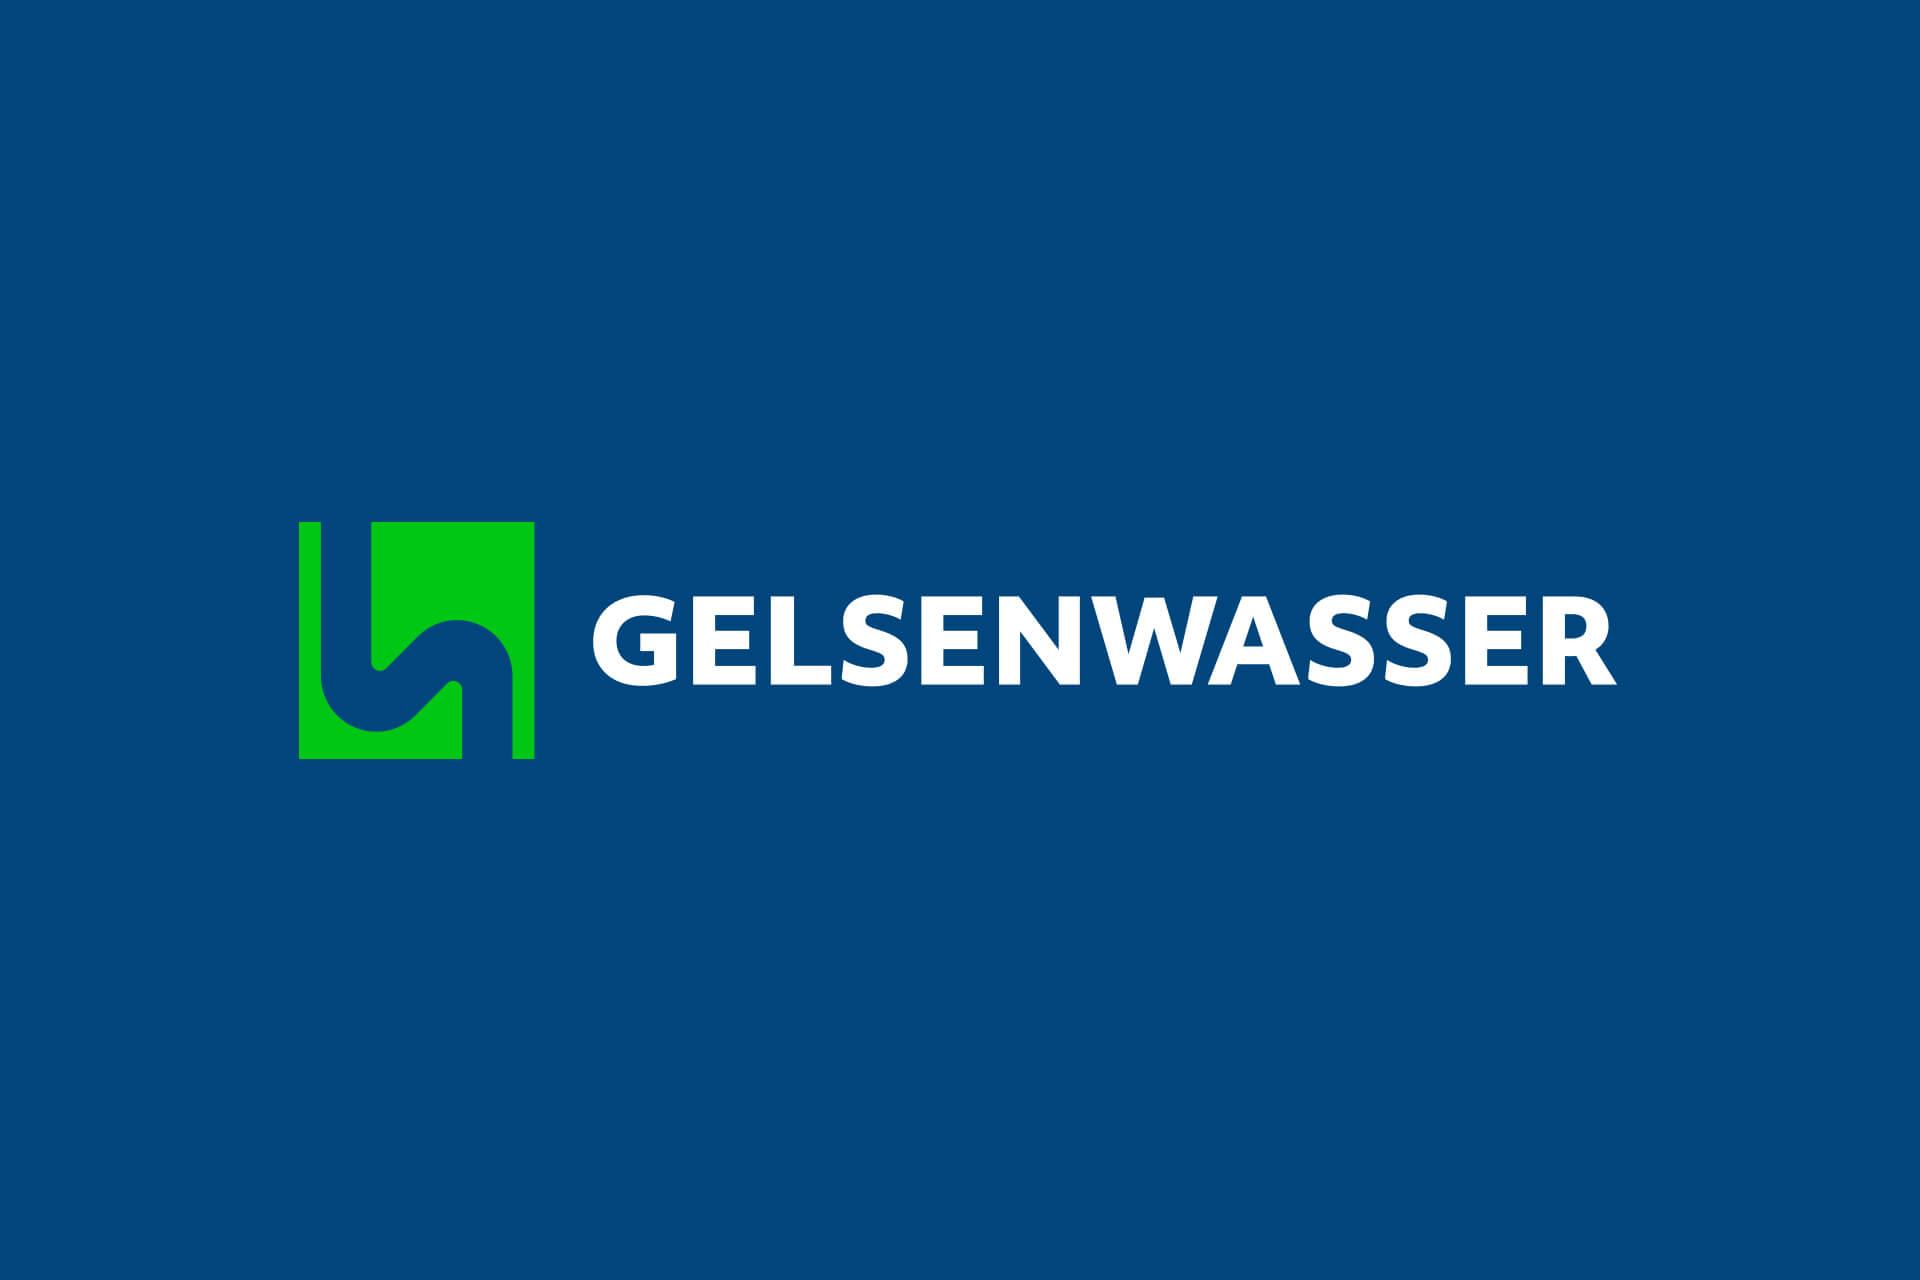 Gelsenwasser-Logo-hintergrund